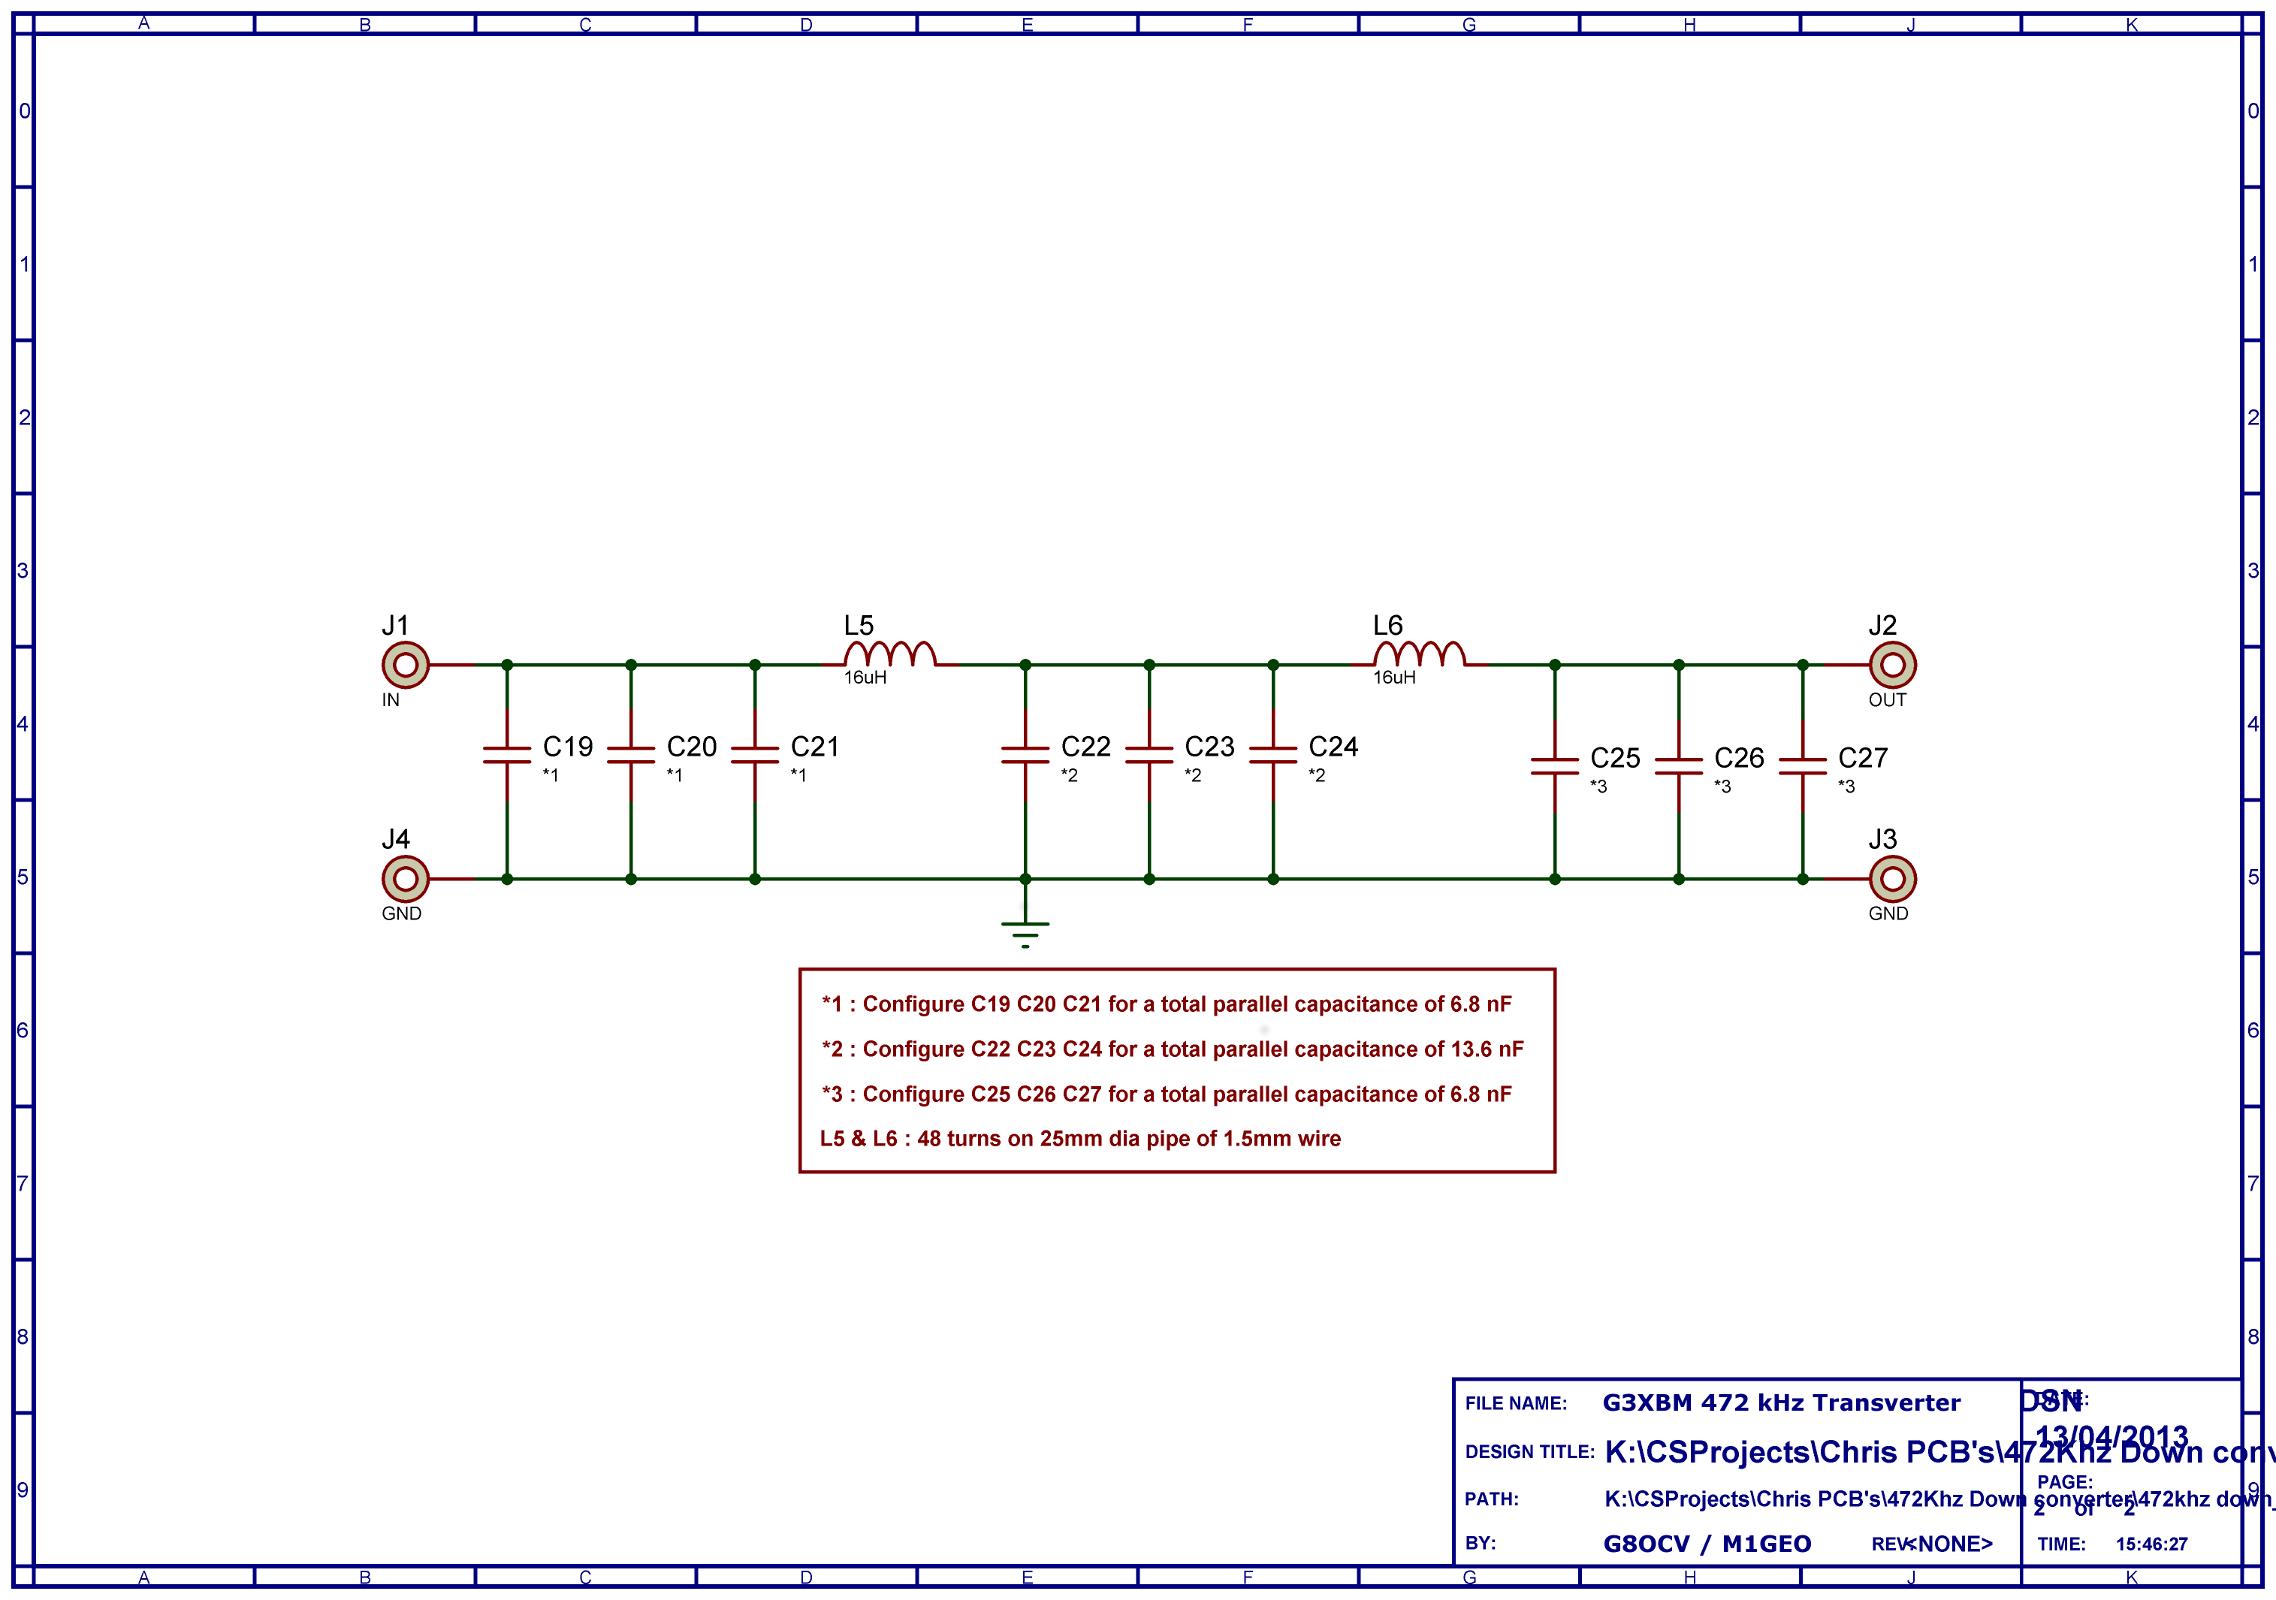 472 kHz Transverter